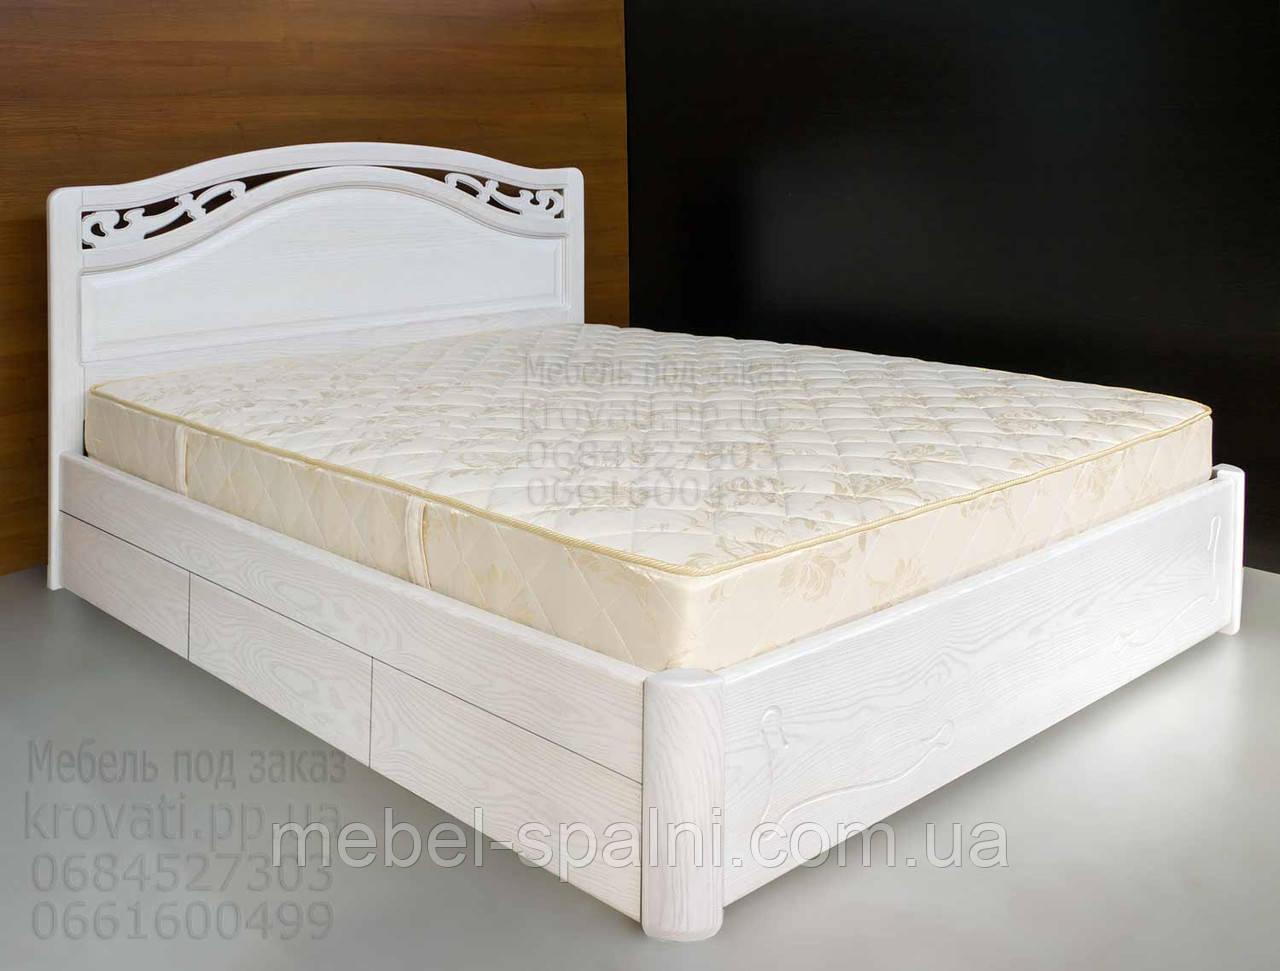 """Кровать в Херсоне деревянная двуспальная с ящиками """"Марго"""" kr.mg6.3"""